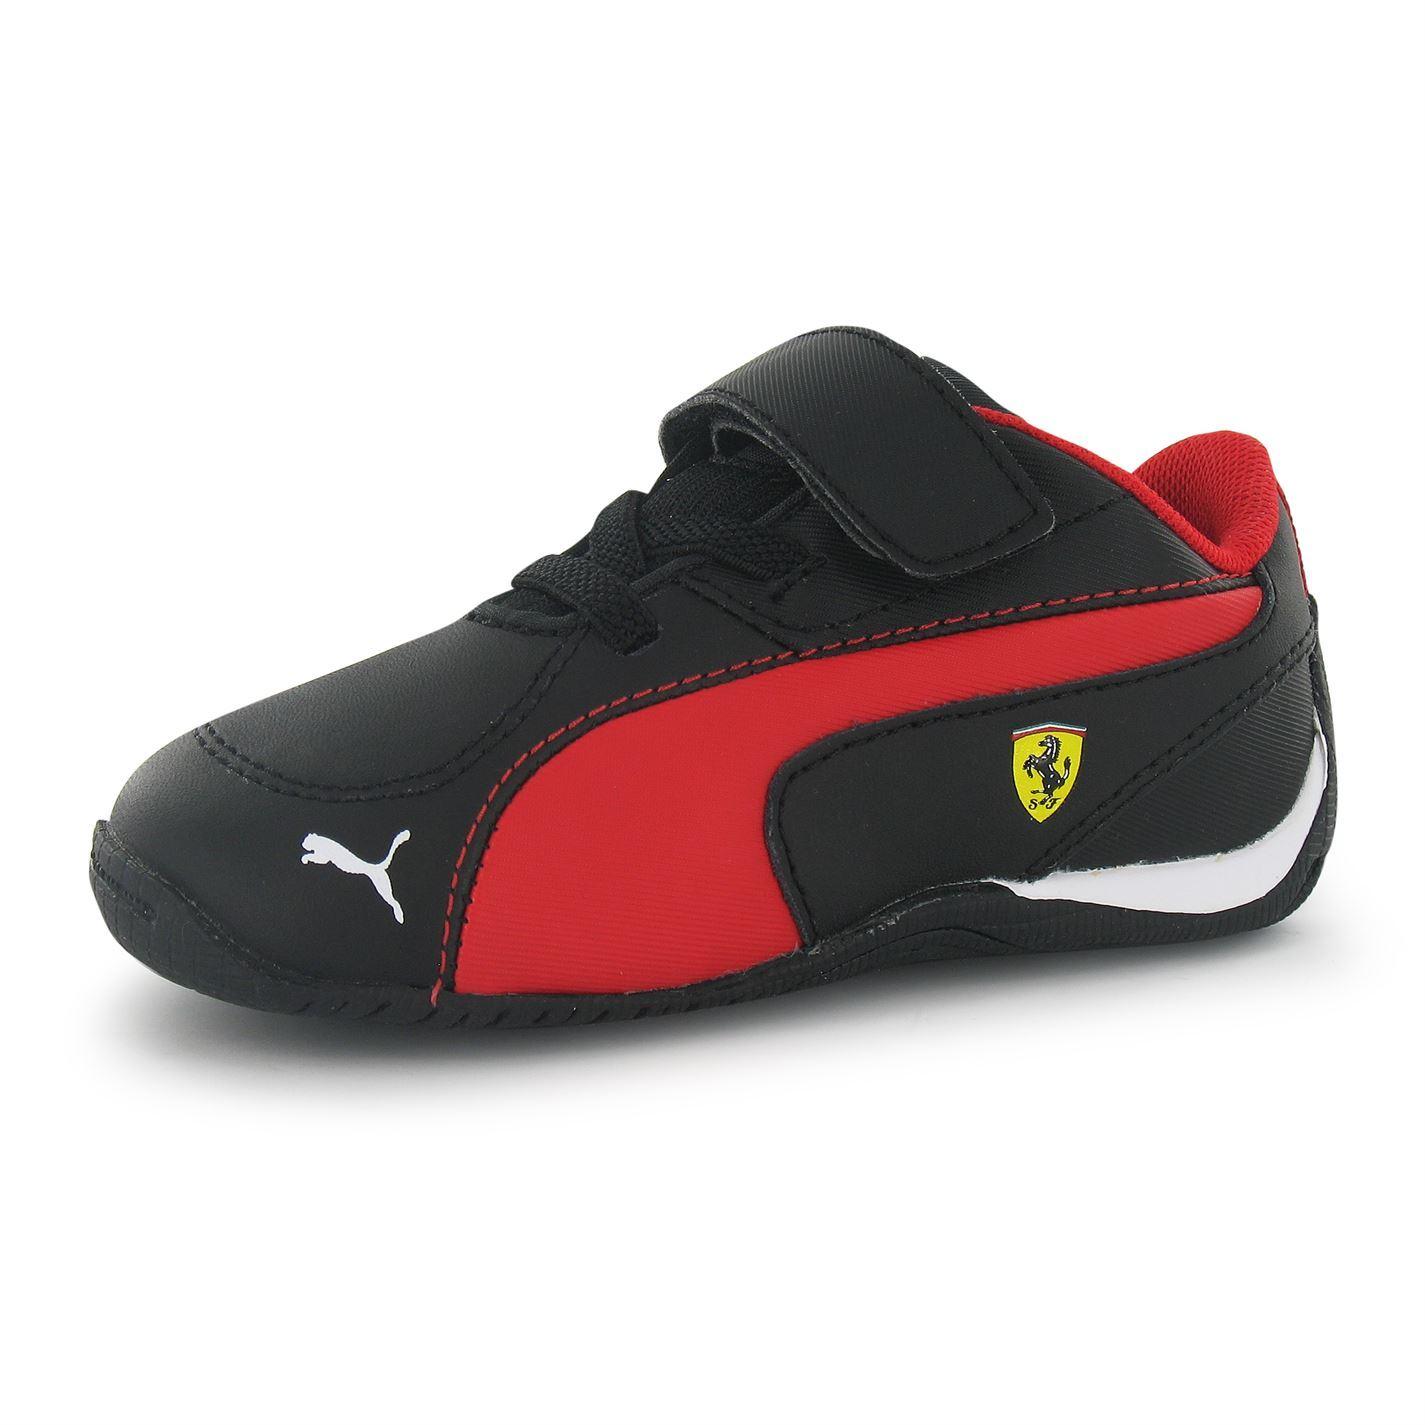 kids clothes shoes accs